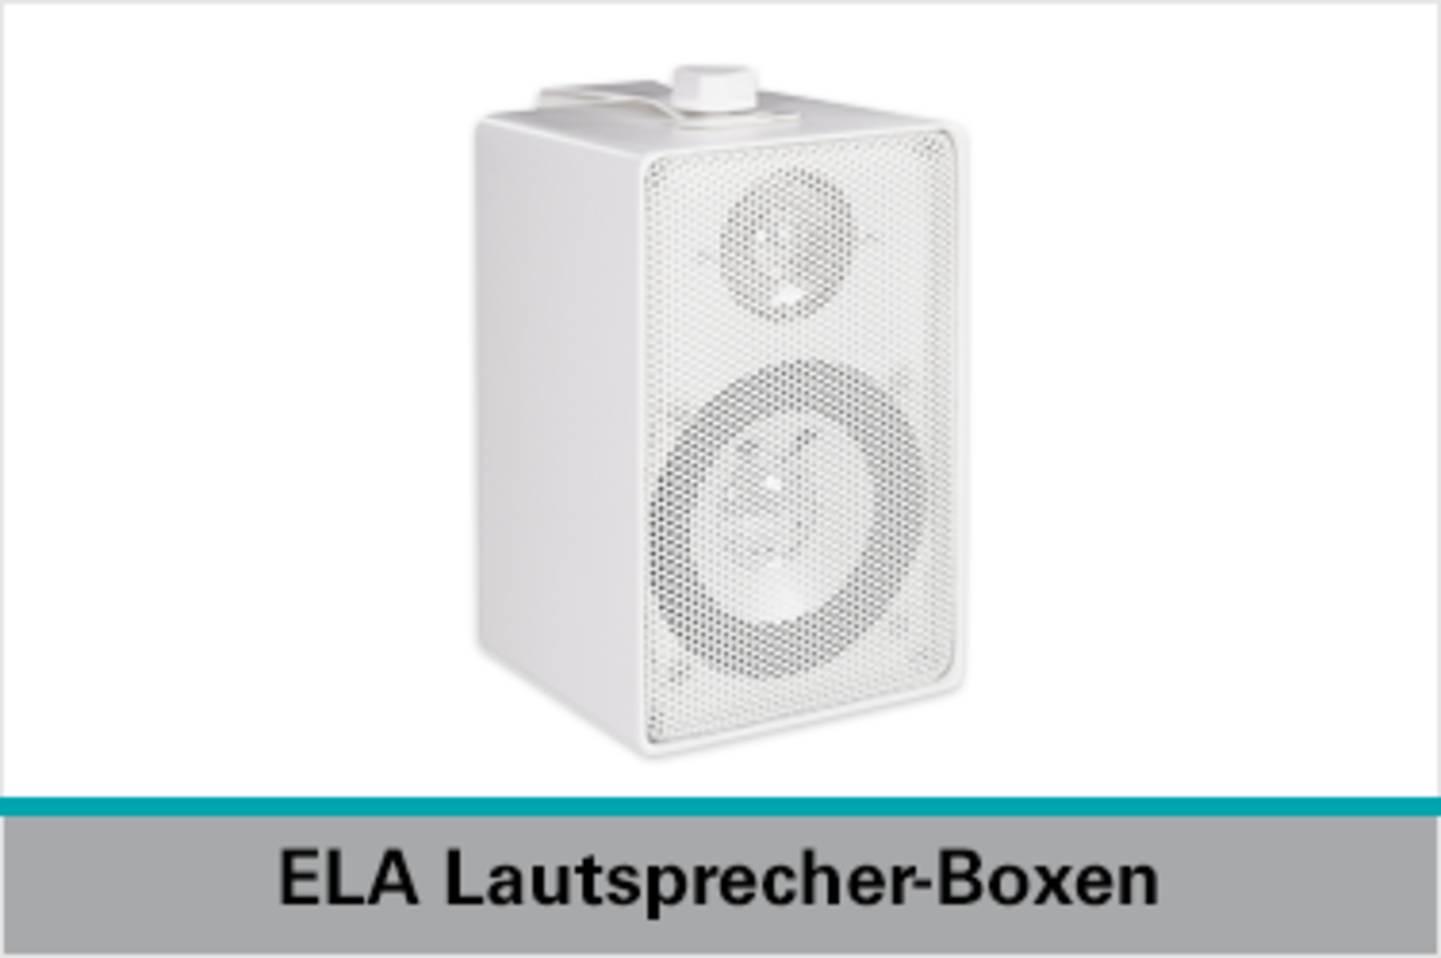 Speaka Professional ELA Lautsprecher-Boxen